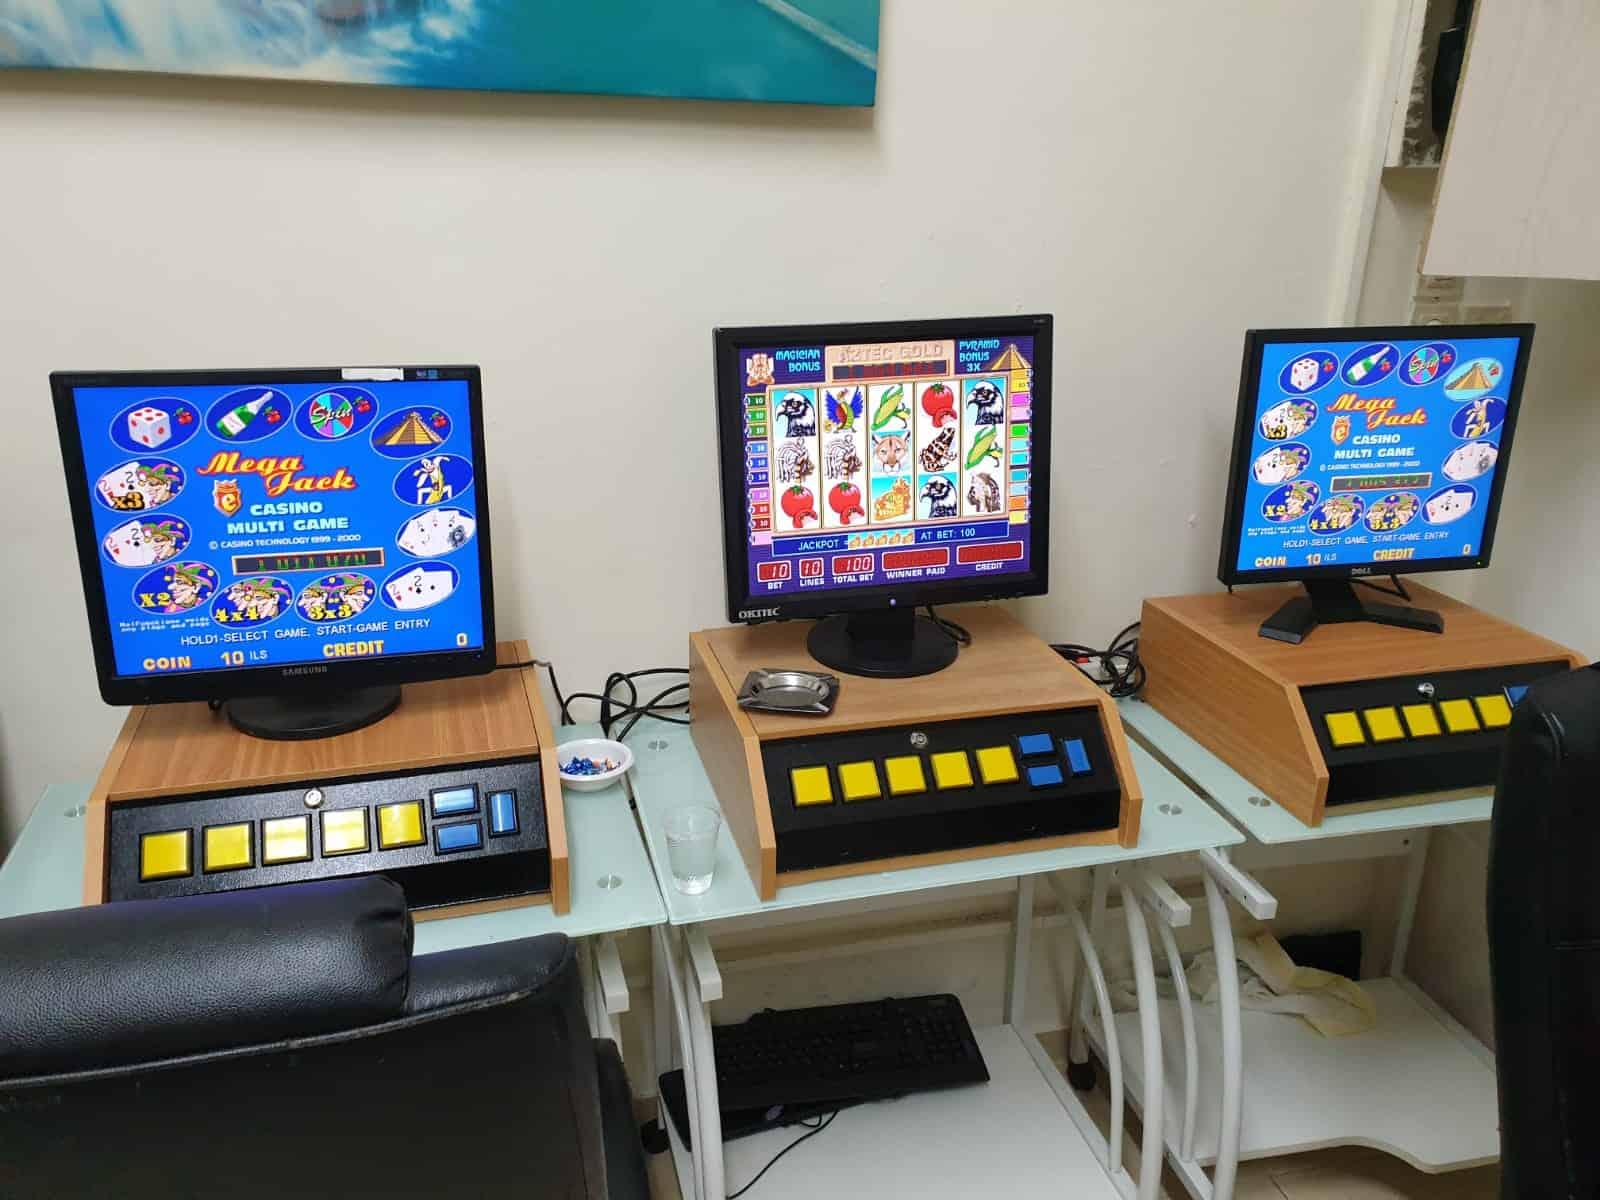 רמת גן: פעילות משטרת ישראל נגד עסק להימורים בלתי חוקיים